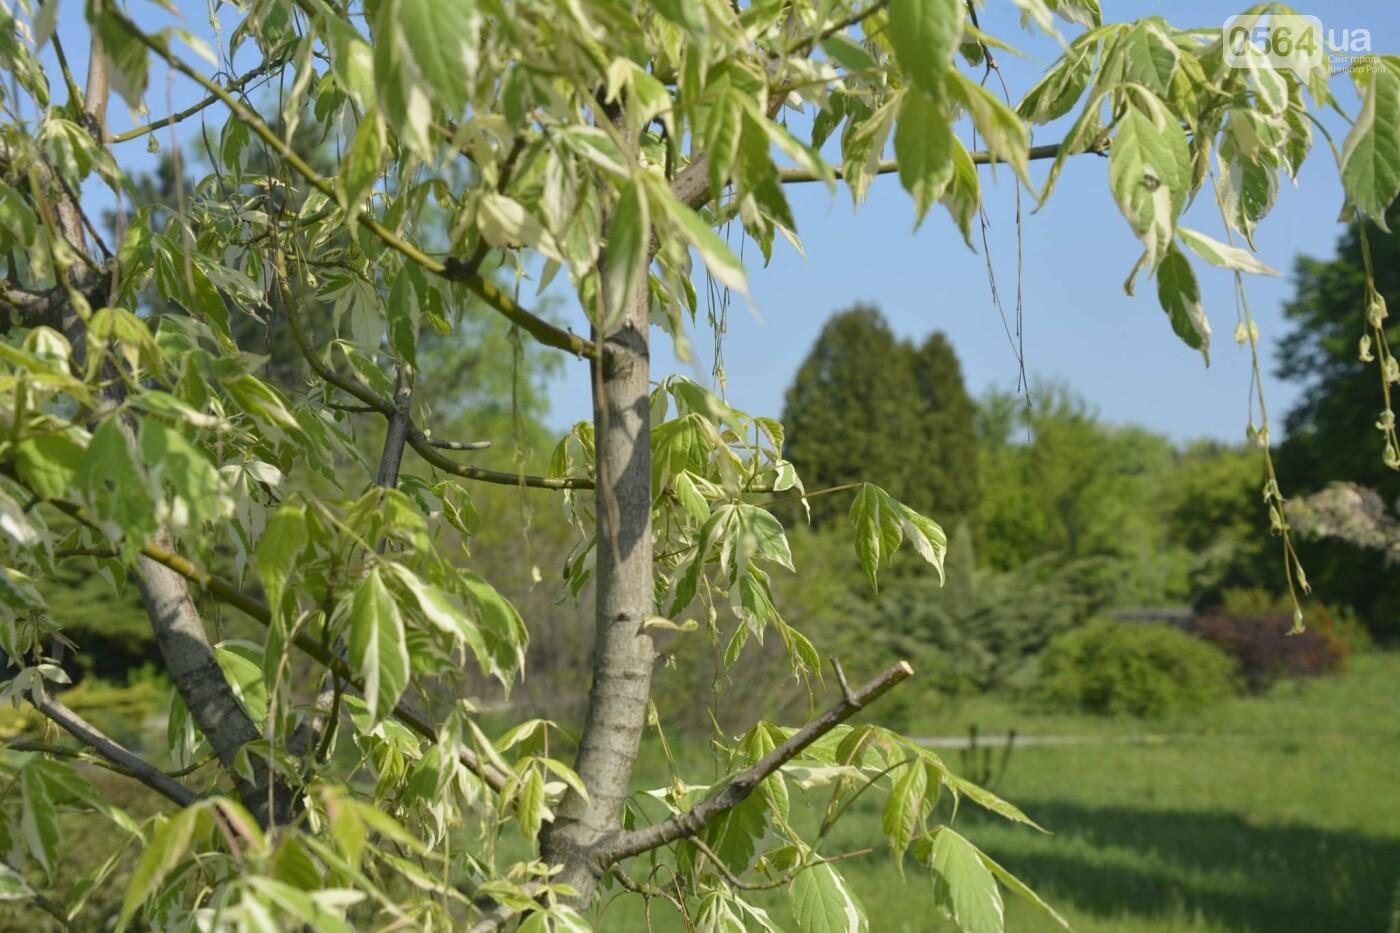 """Коллекция сирени, тюльпан """"Черный кофе"""", барбарис, - как выглядит Криворожский ботанический сад сегодня, - ФОТО, фото-14"""